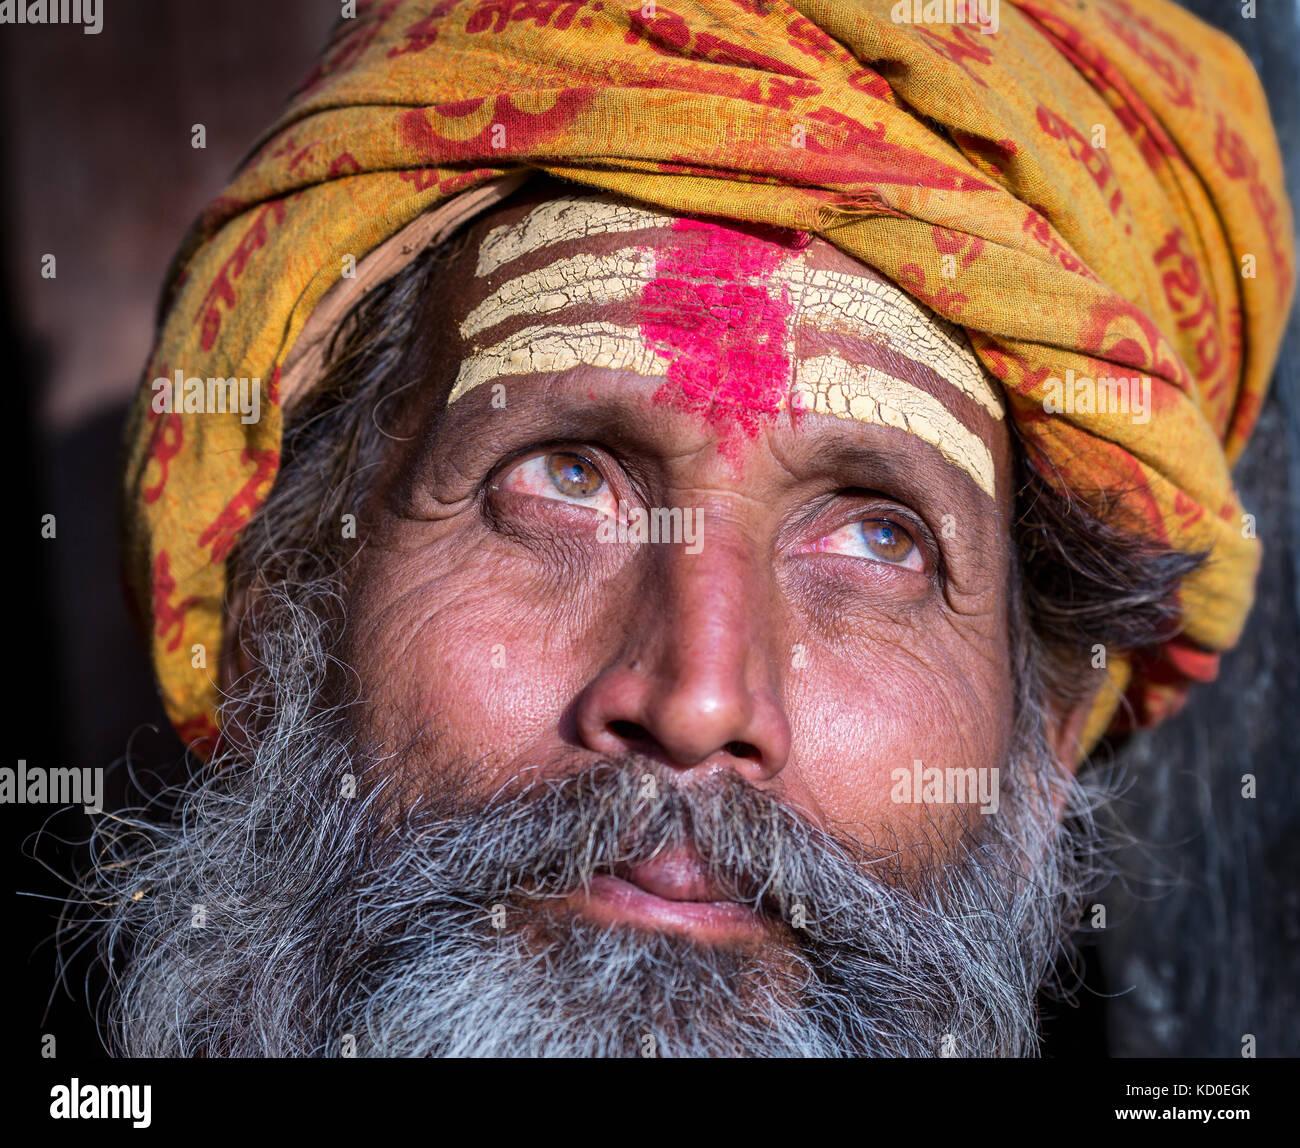 Close-up portrait of an elderly Sadhu, Pashupatinath, Kathmandu, Nepal - Stock Image